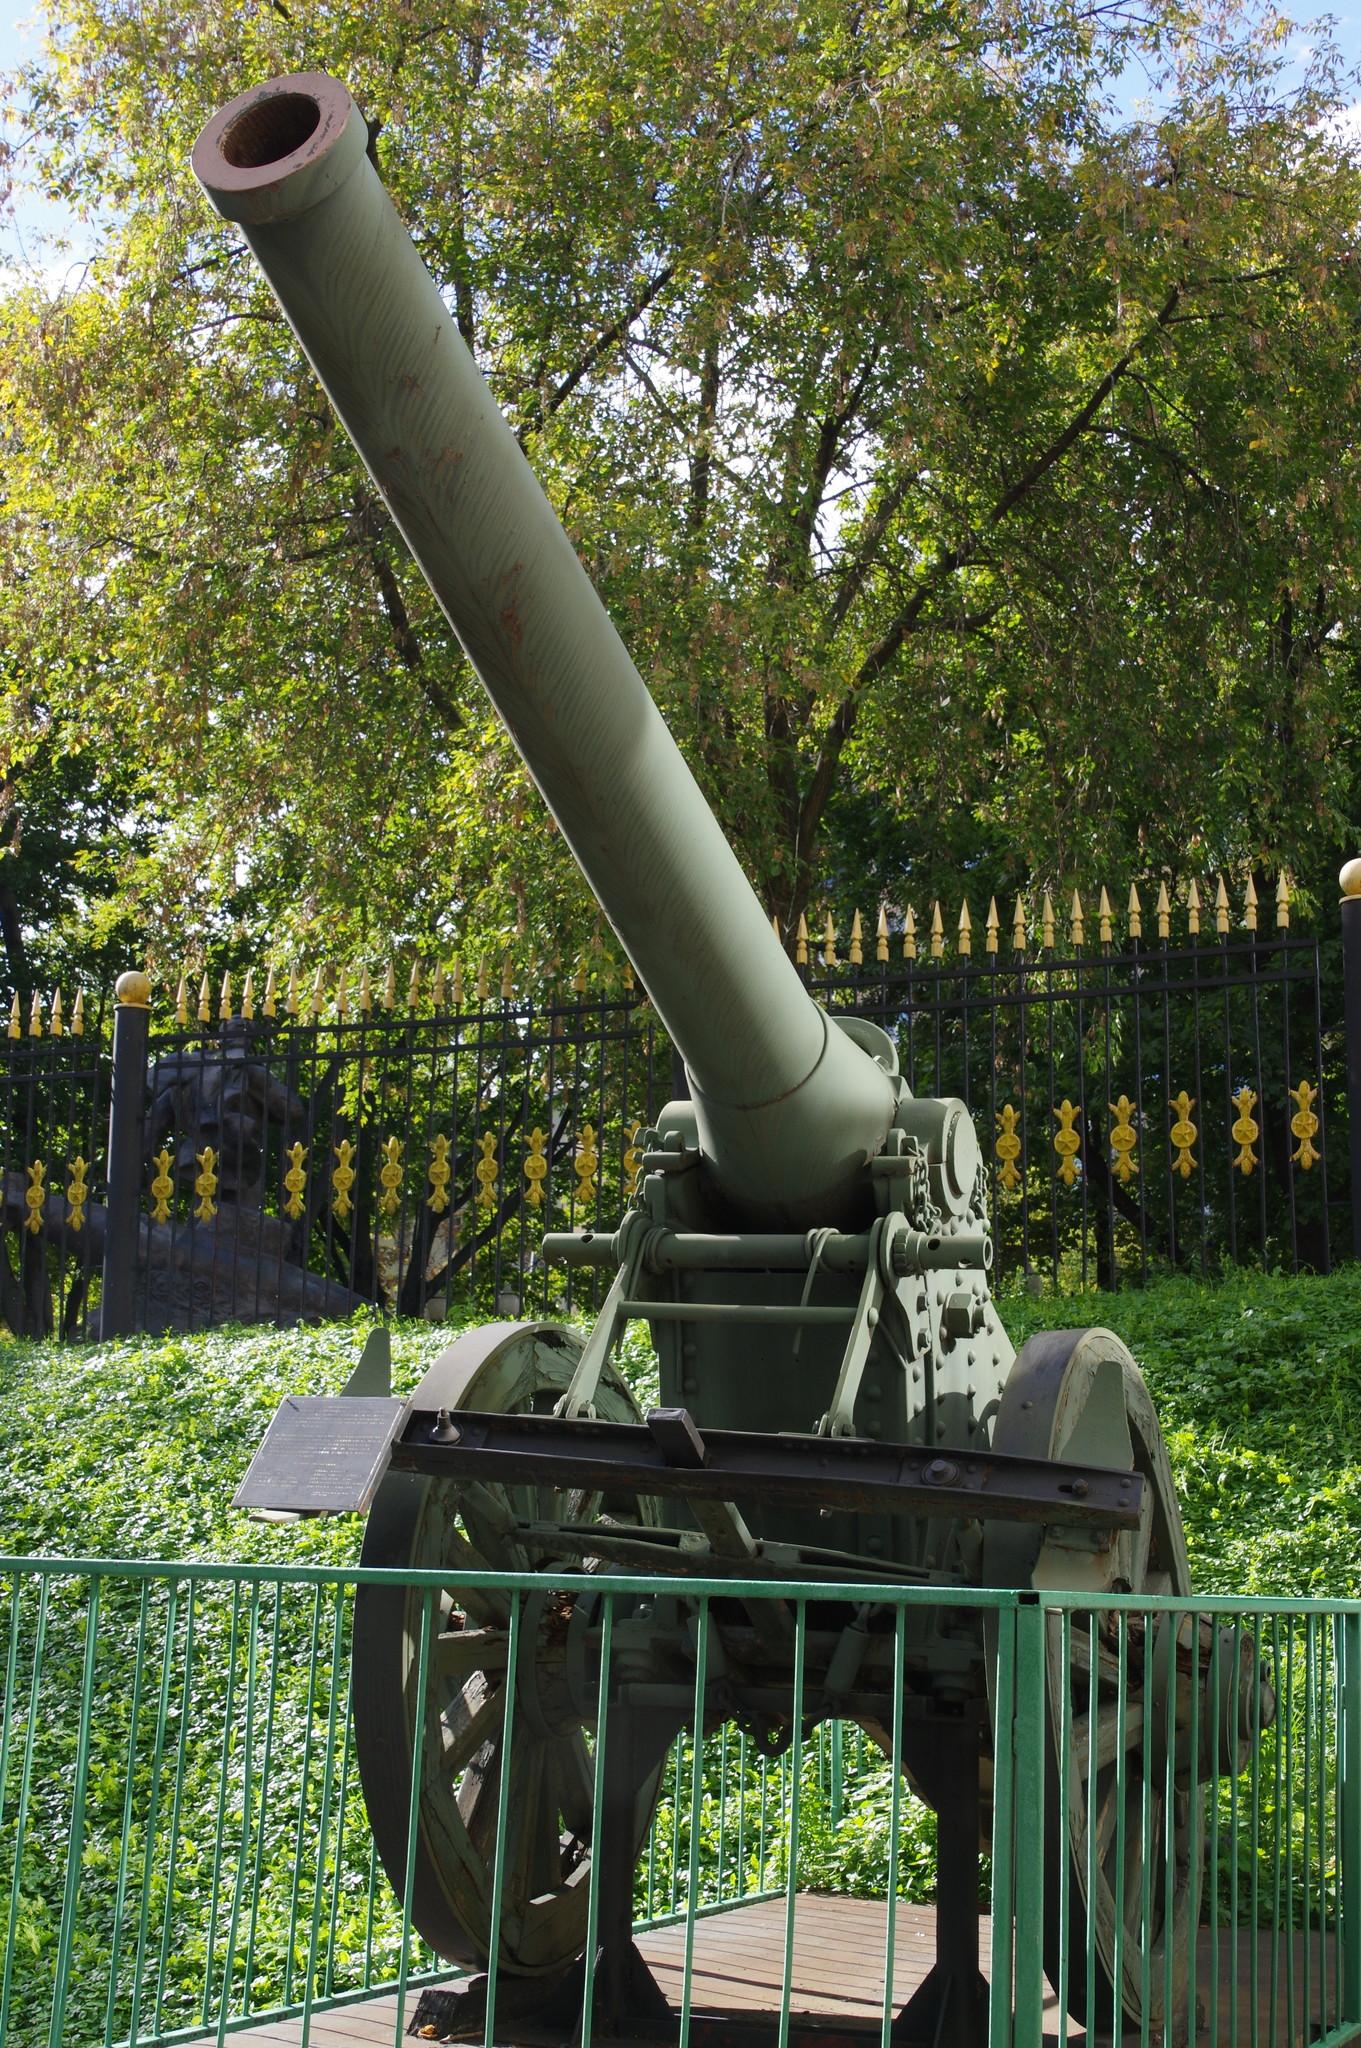 155-мм орудие конструкции 1877 года в экспозиции Центрального музея Вооружённых сил Российской Федерации